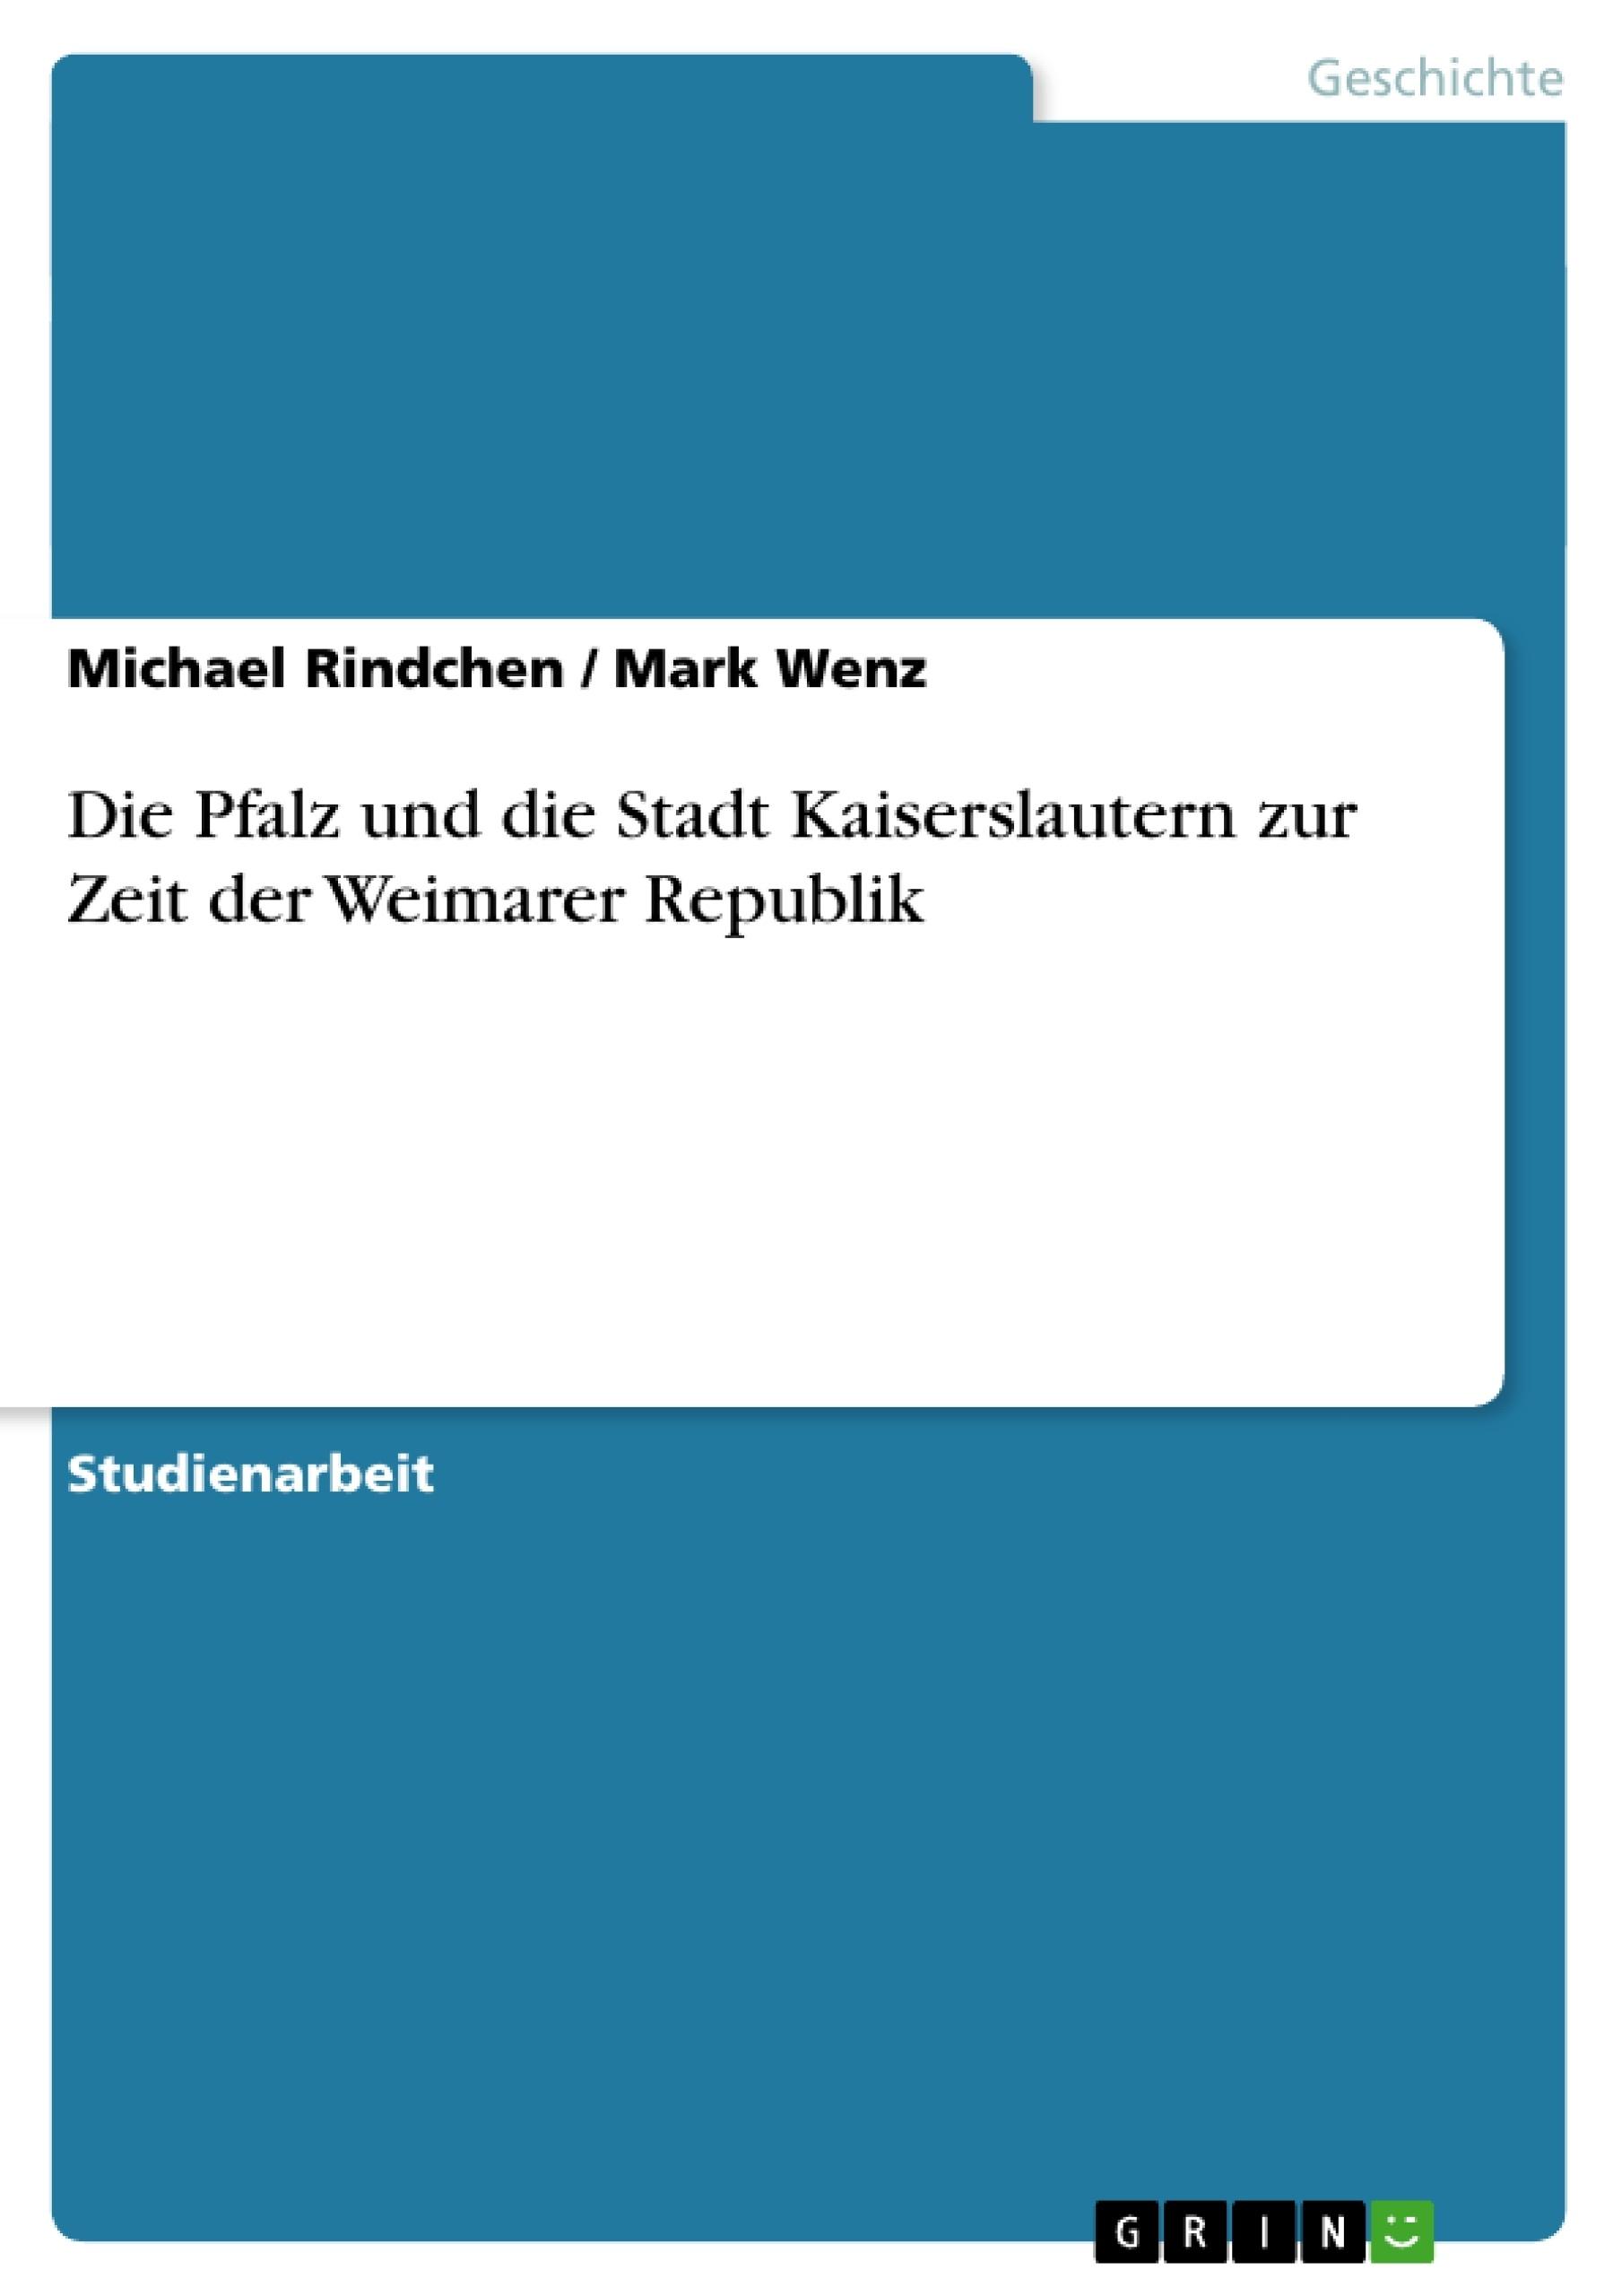 Titel: Die Pfalz und die Stadt Kaiserslautern zur Zeit der Weimarer Republik